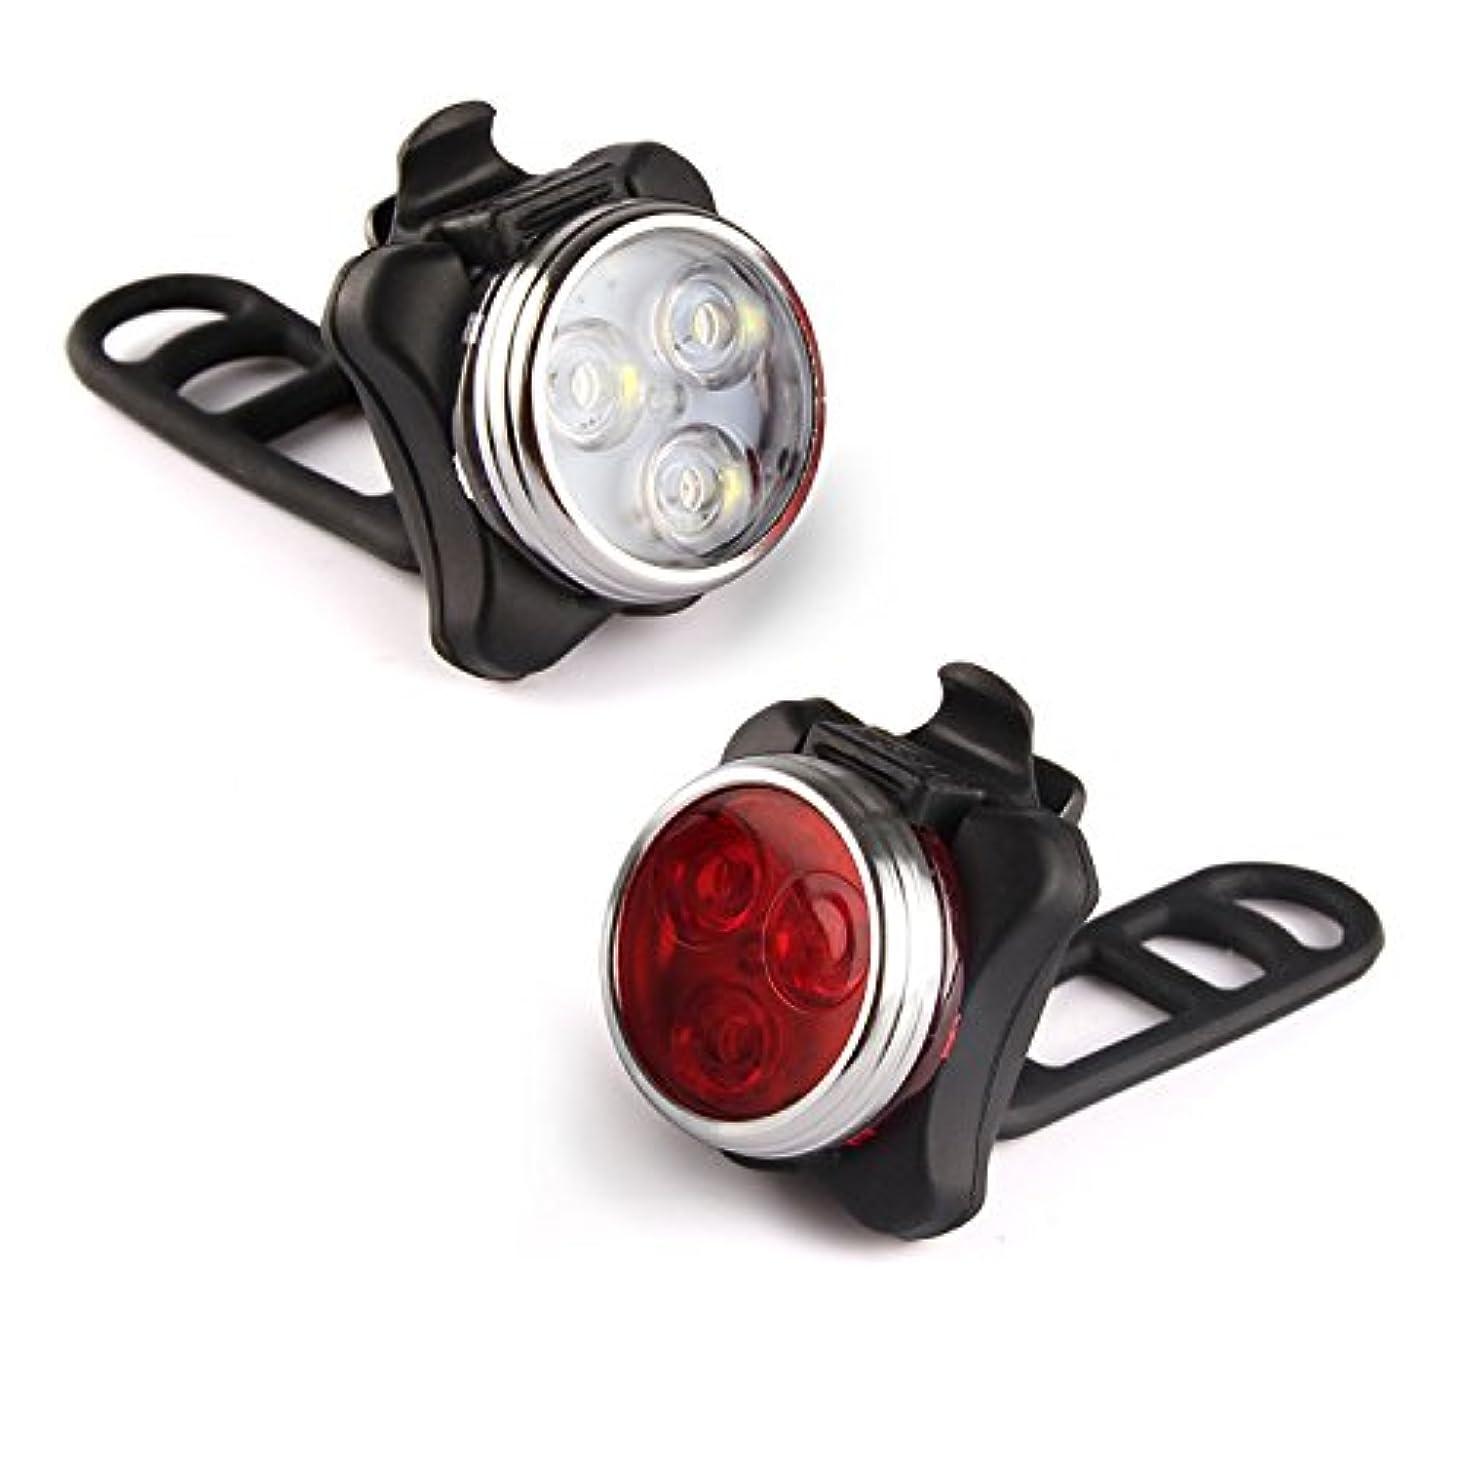 発行拳憂鬱なAsDlg USB充電式自転車ライトフロントとリア防水IPX4スーパー明るい自転車LEDライトセット650mahリチウムバッテリ、4光モードオプションで120ルーメン、すべてのバイクに適合